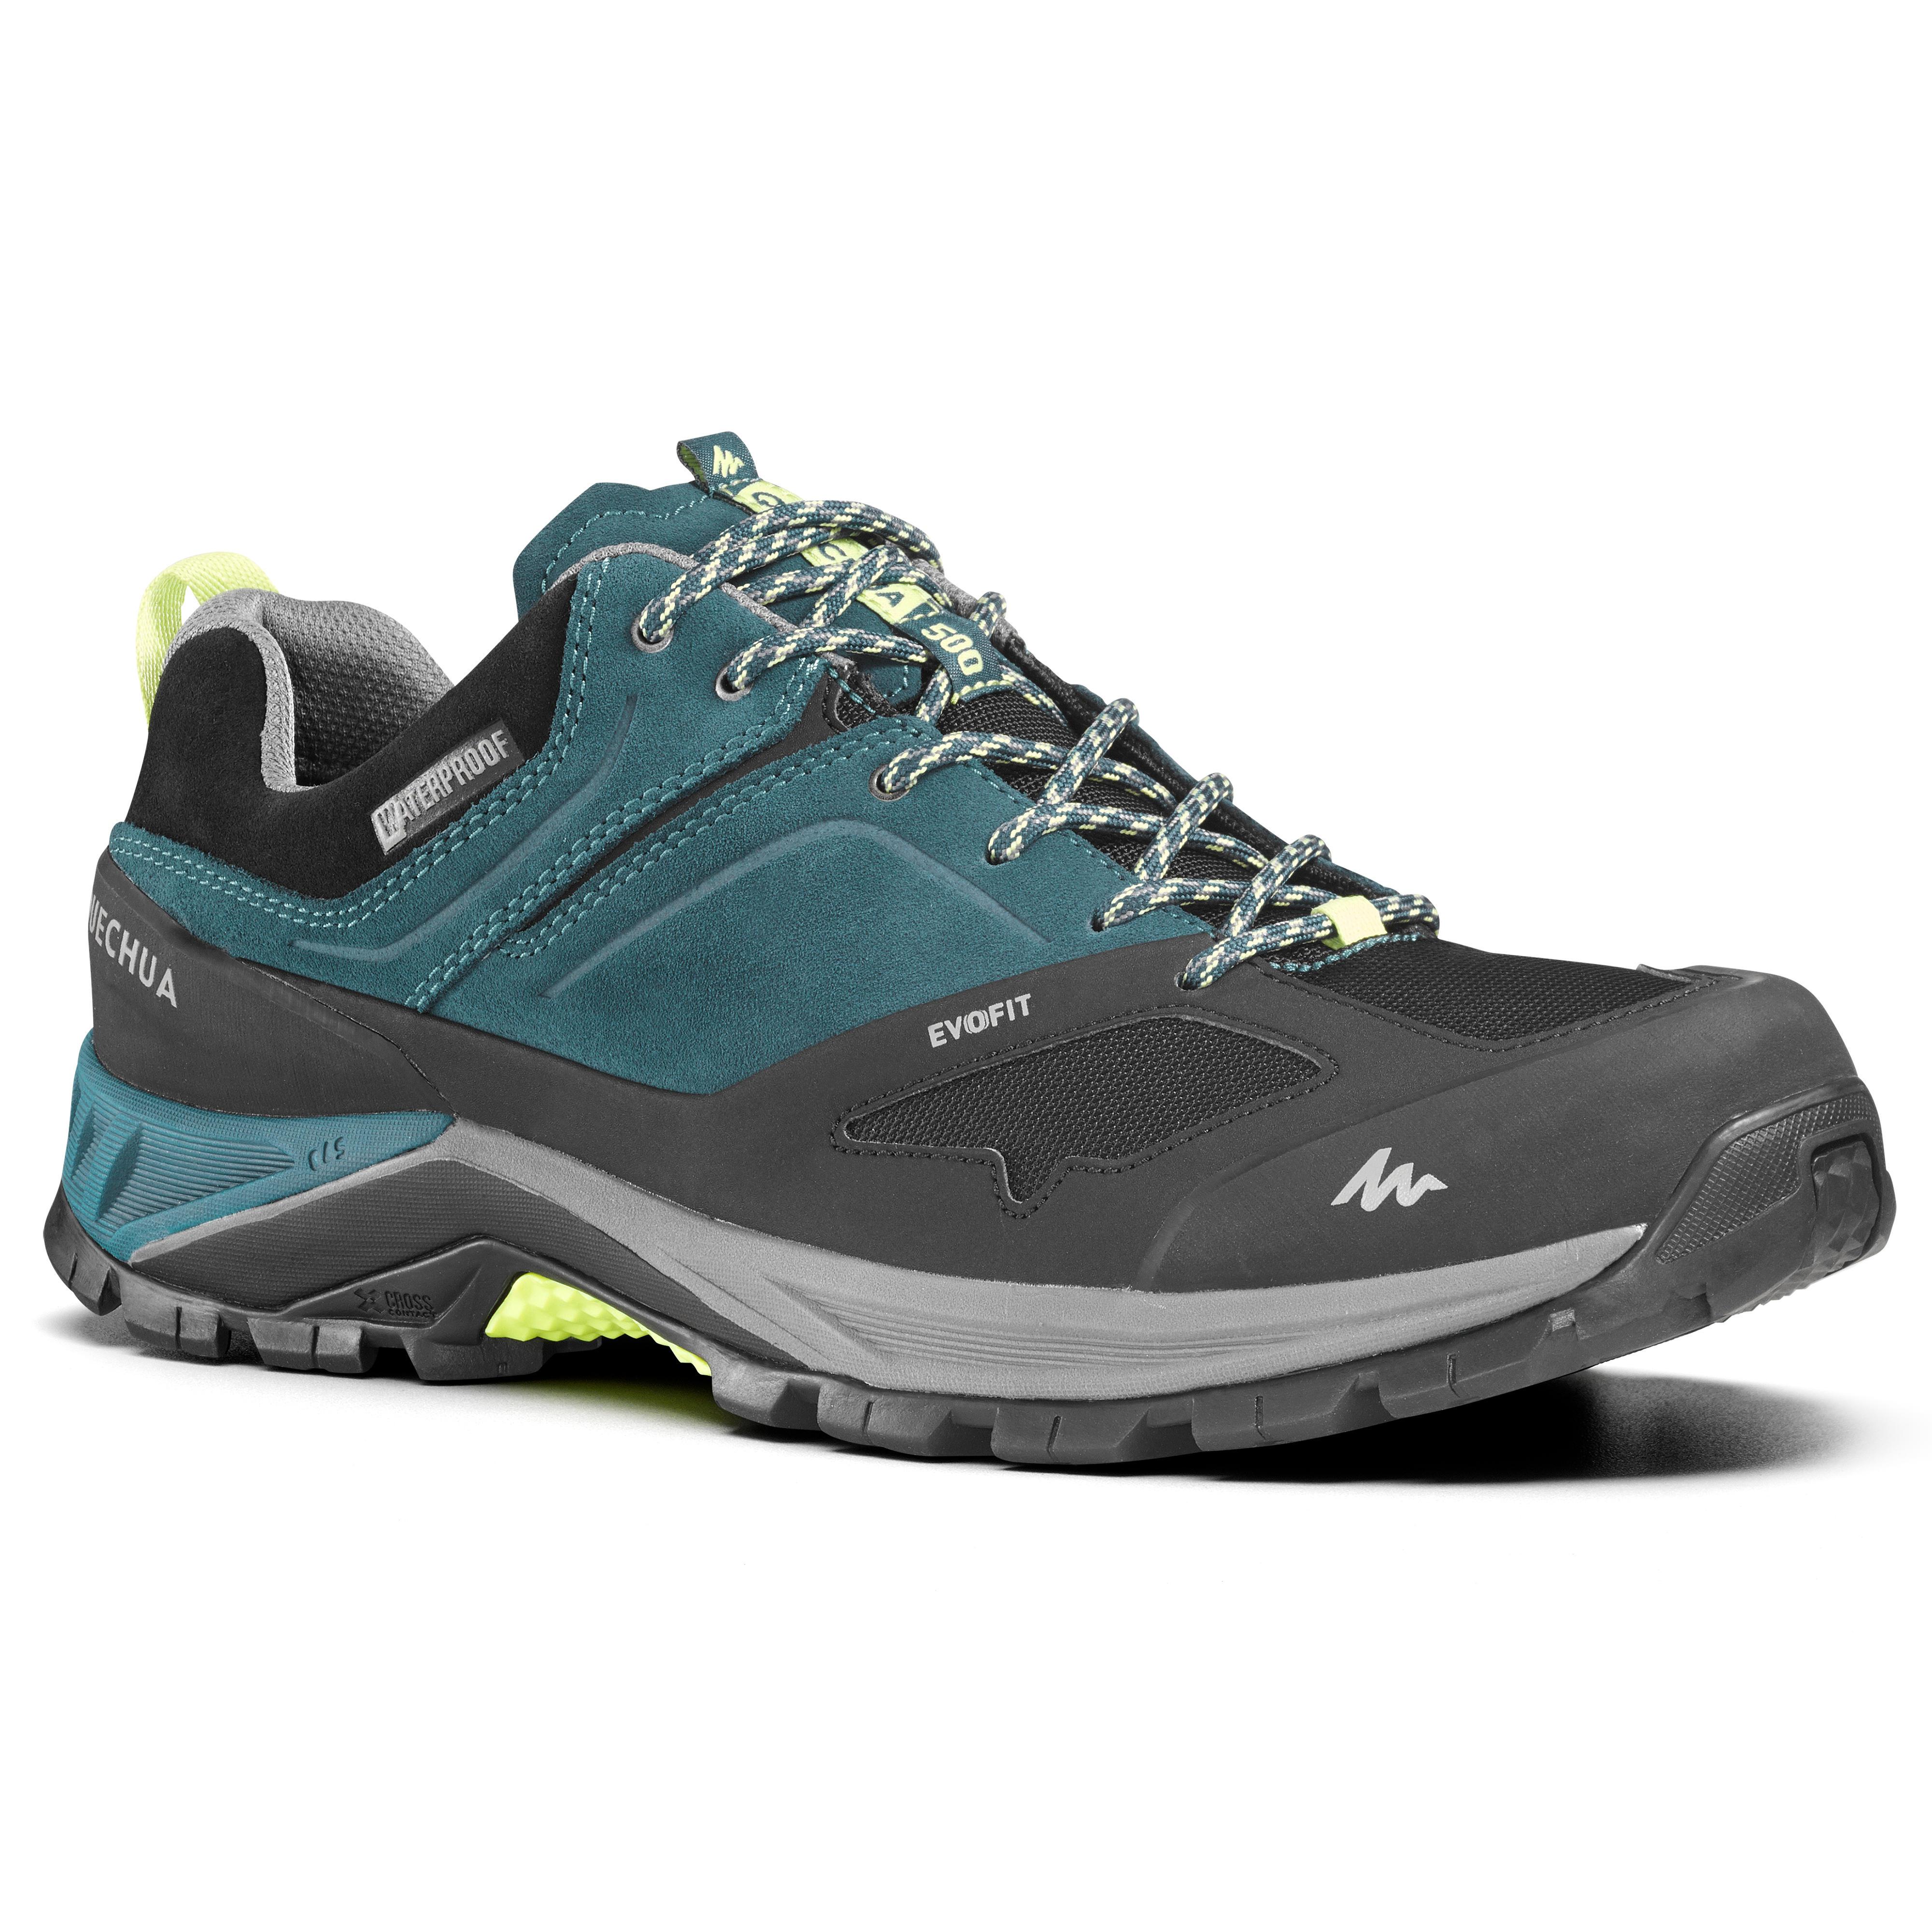 fbd0a1cb121 Comprar Zapatillas y Botas Impermeables Hombre